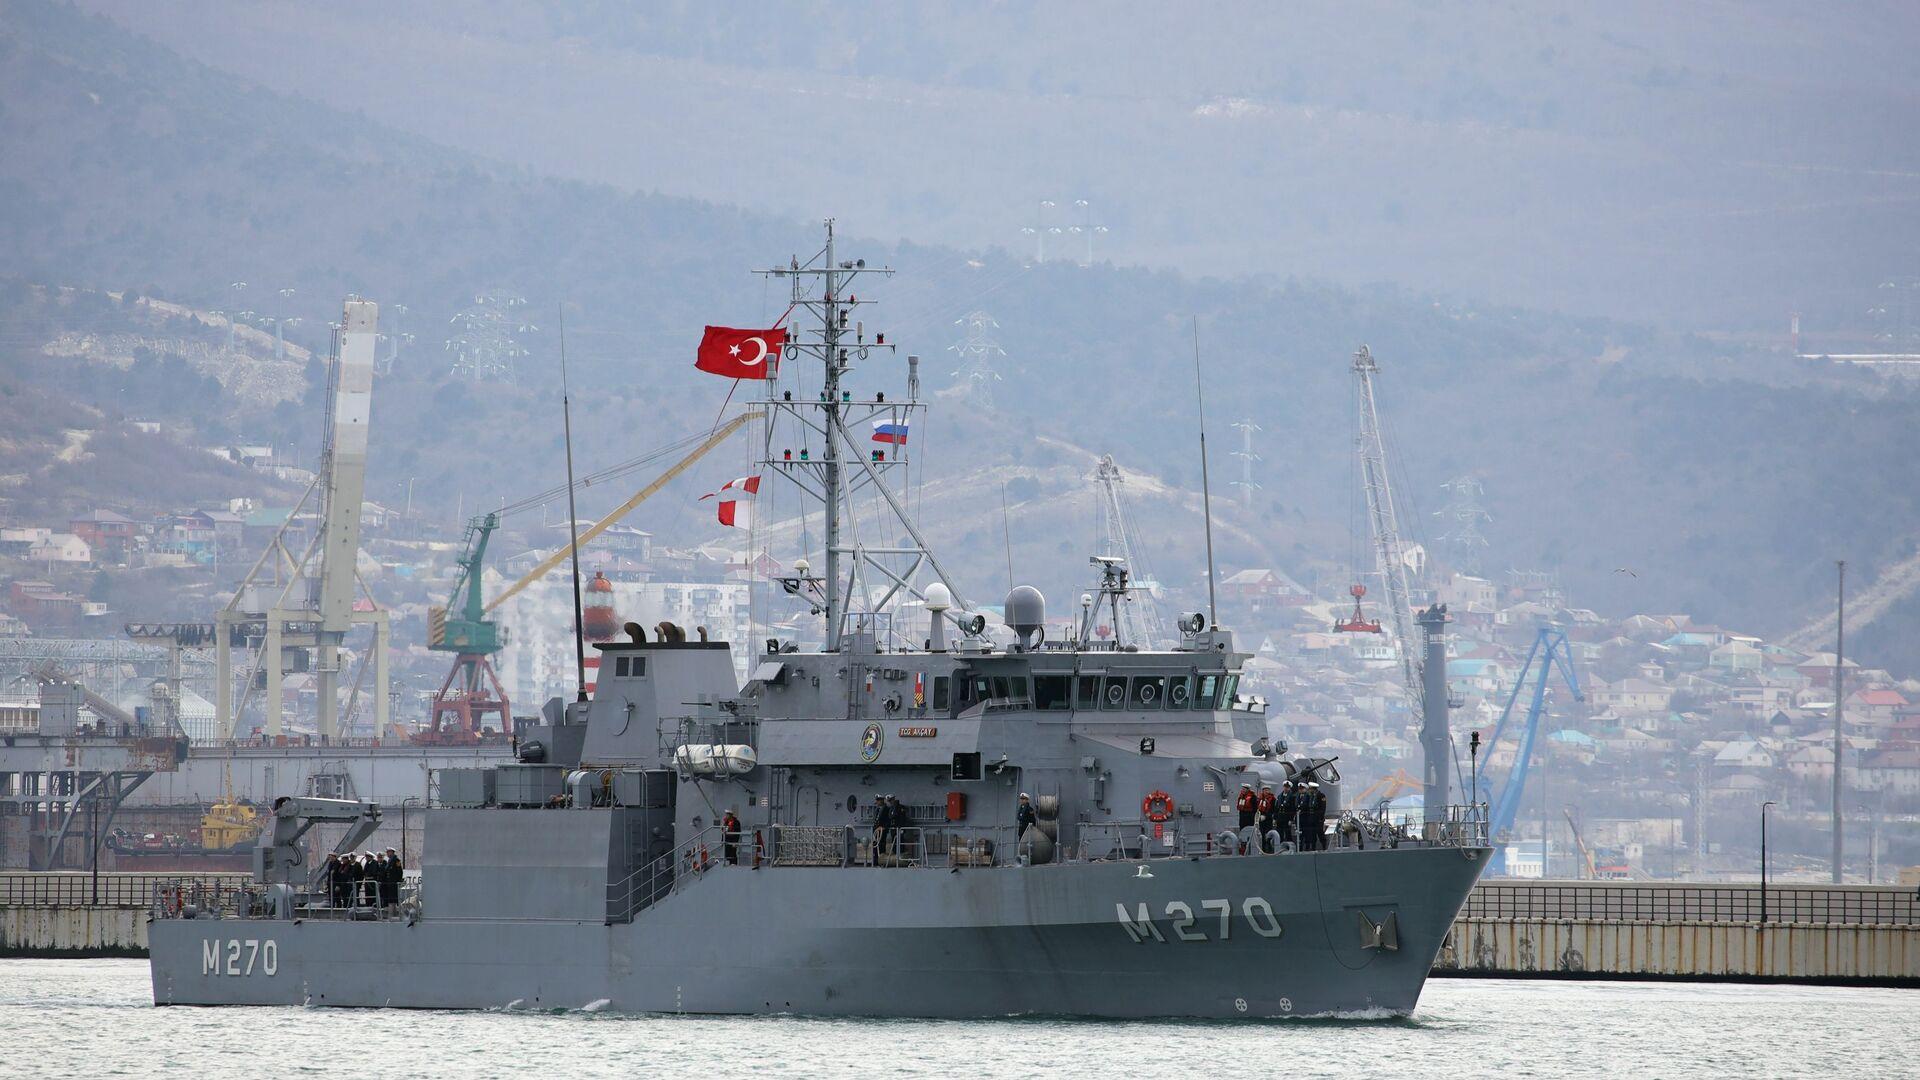 Минный тральщик Акчай ВМС Турции прибывает в порт Новороссийска - РИА Новости, 1920, 05.09.2020